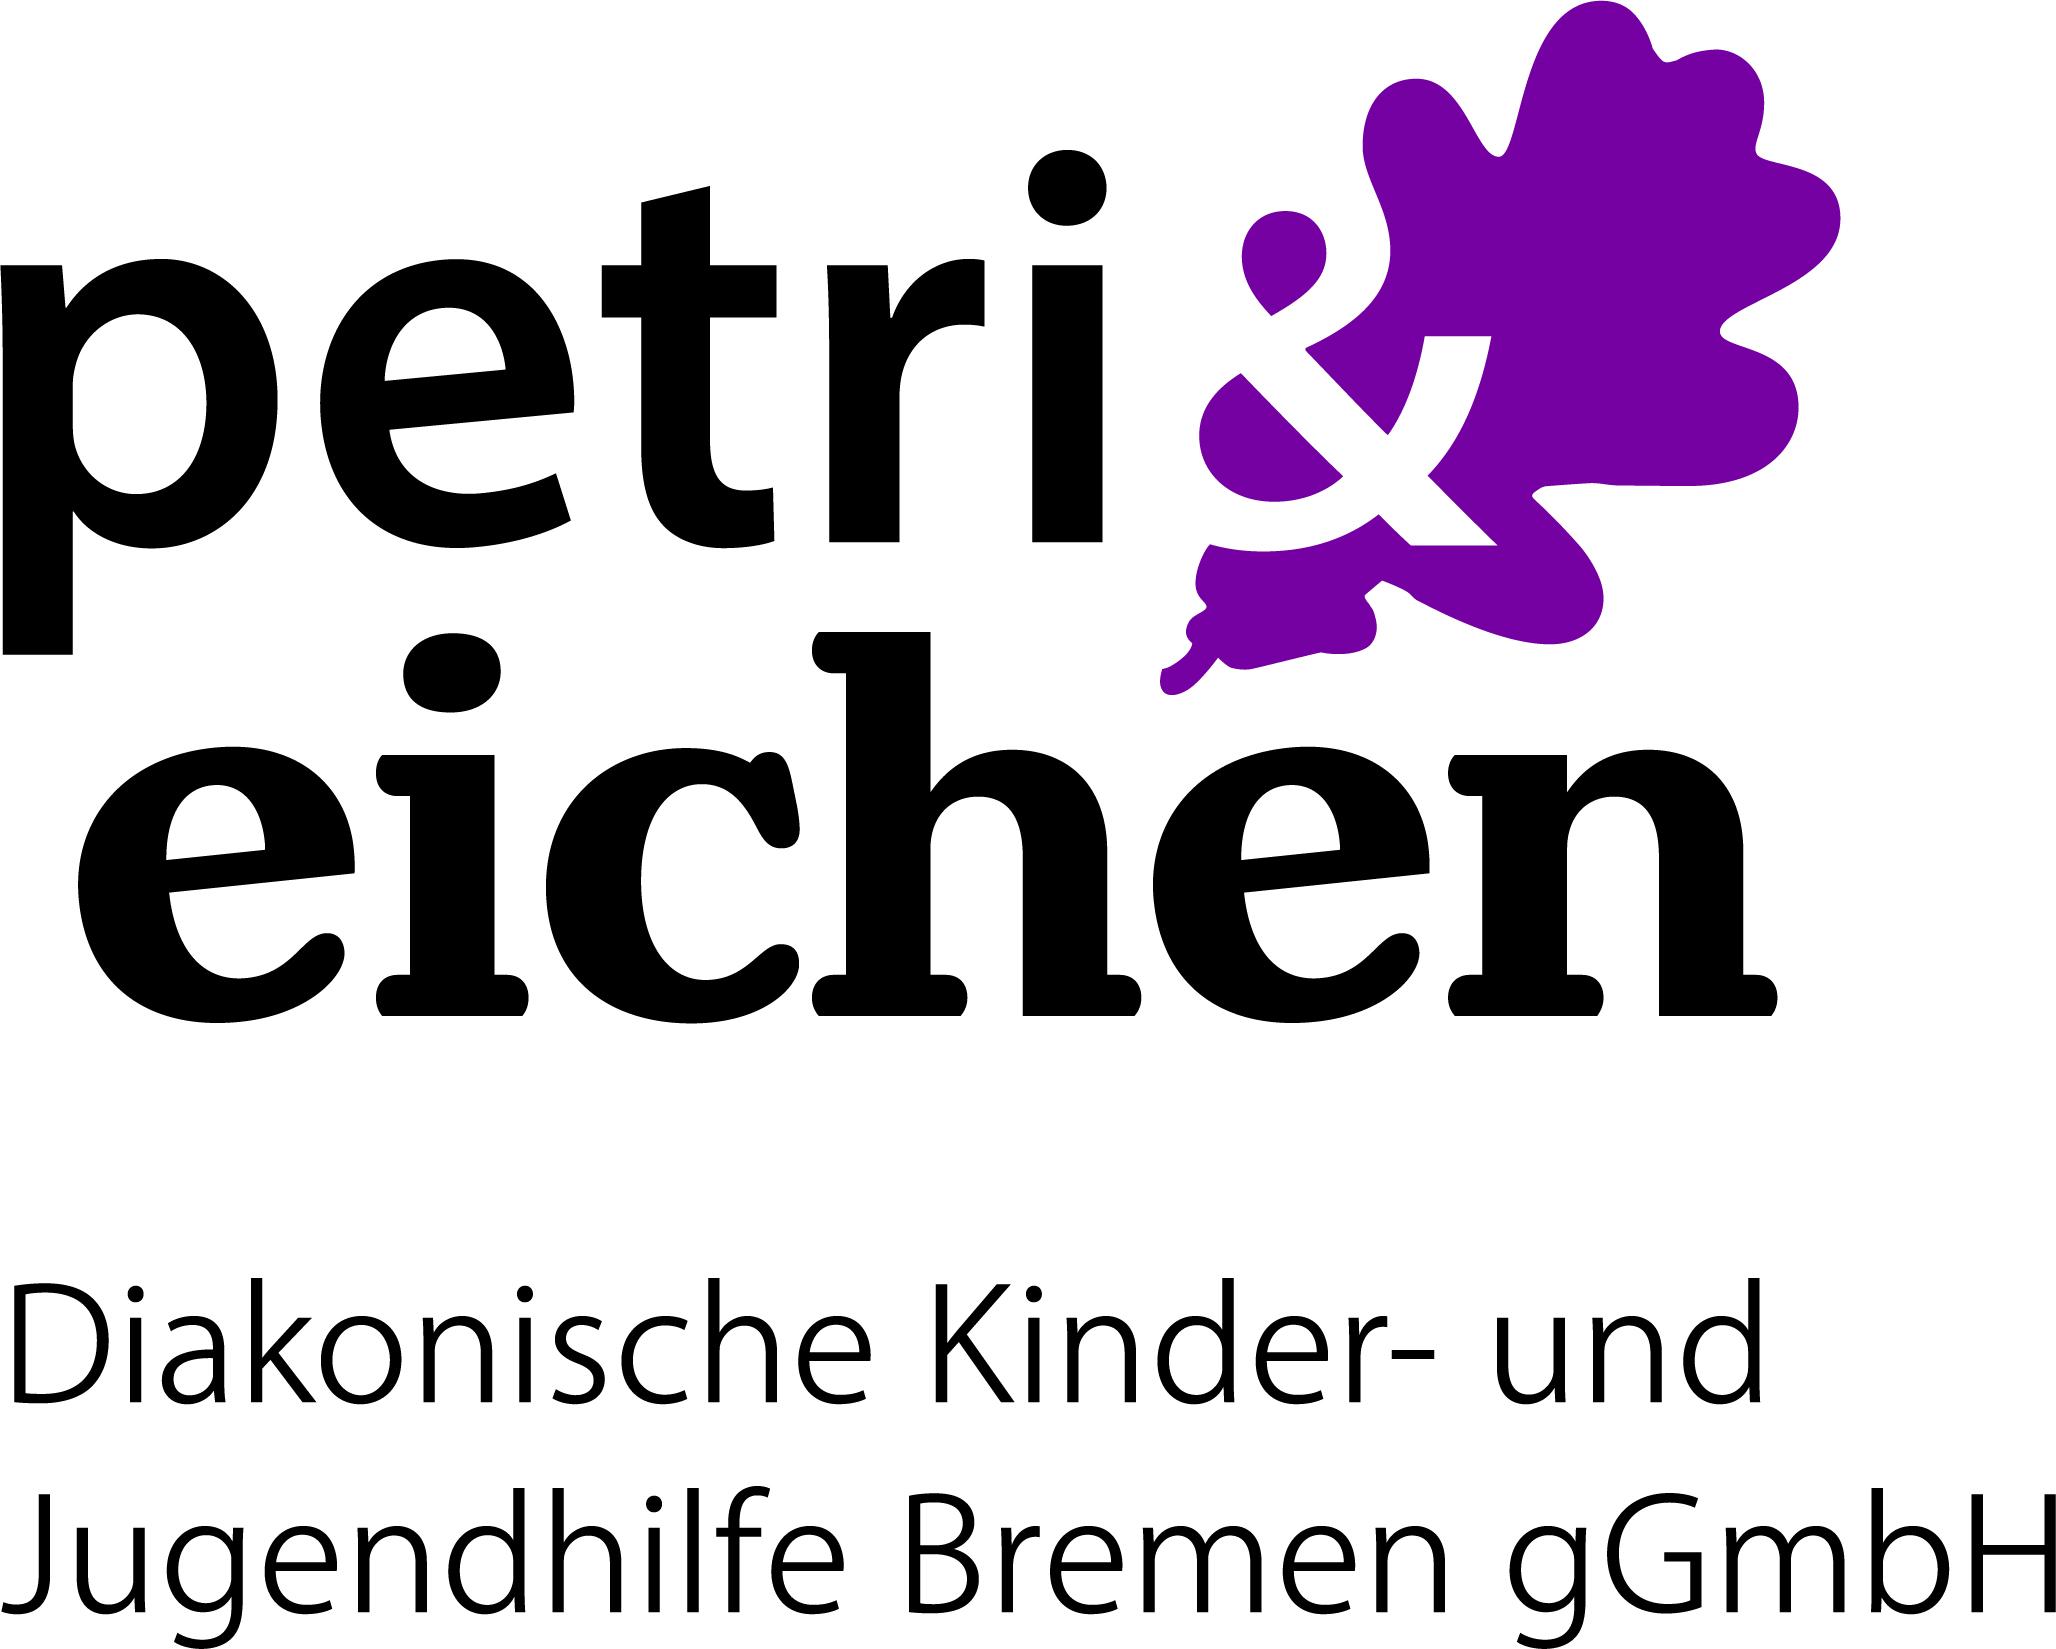 Logo: Petri & Eichen, Diakonische Kinder- und Jugendhilfe Bremen gemeinnützige GmbH